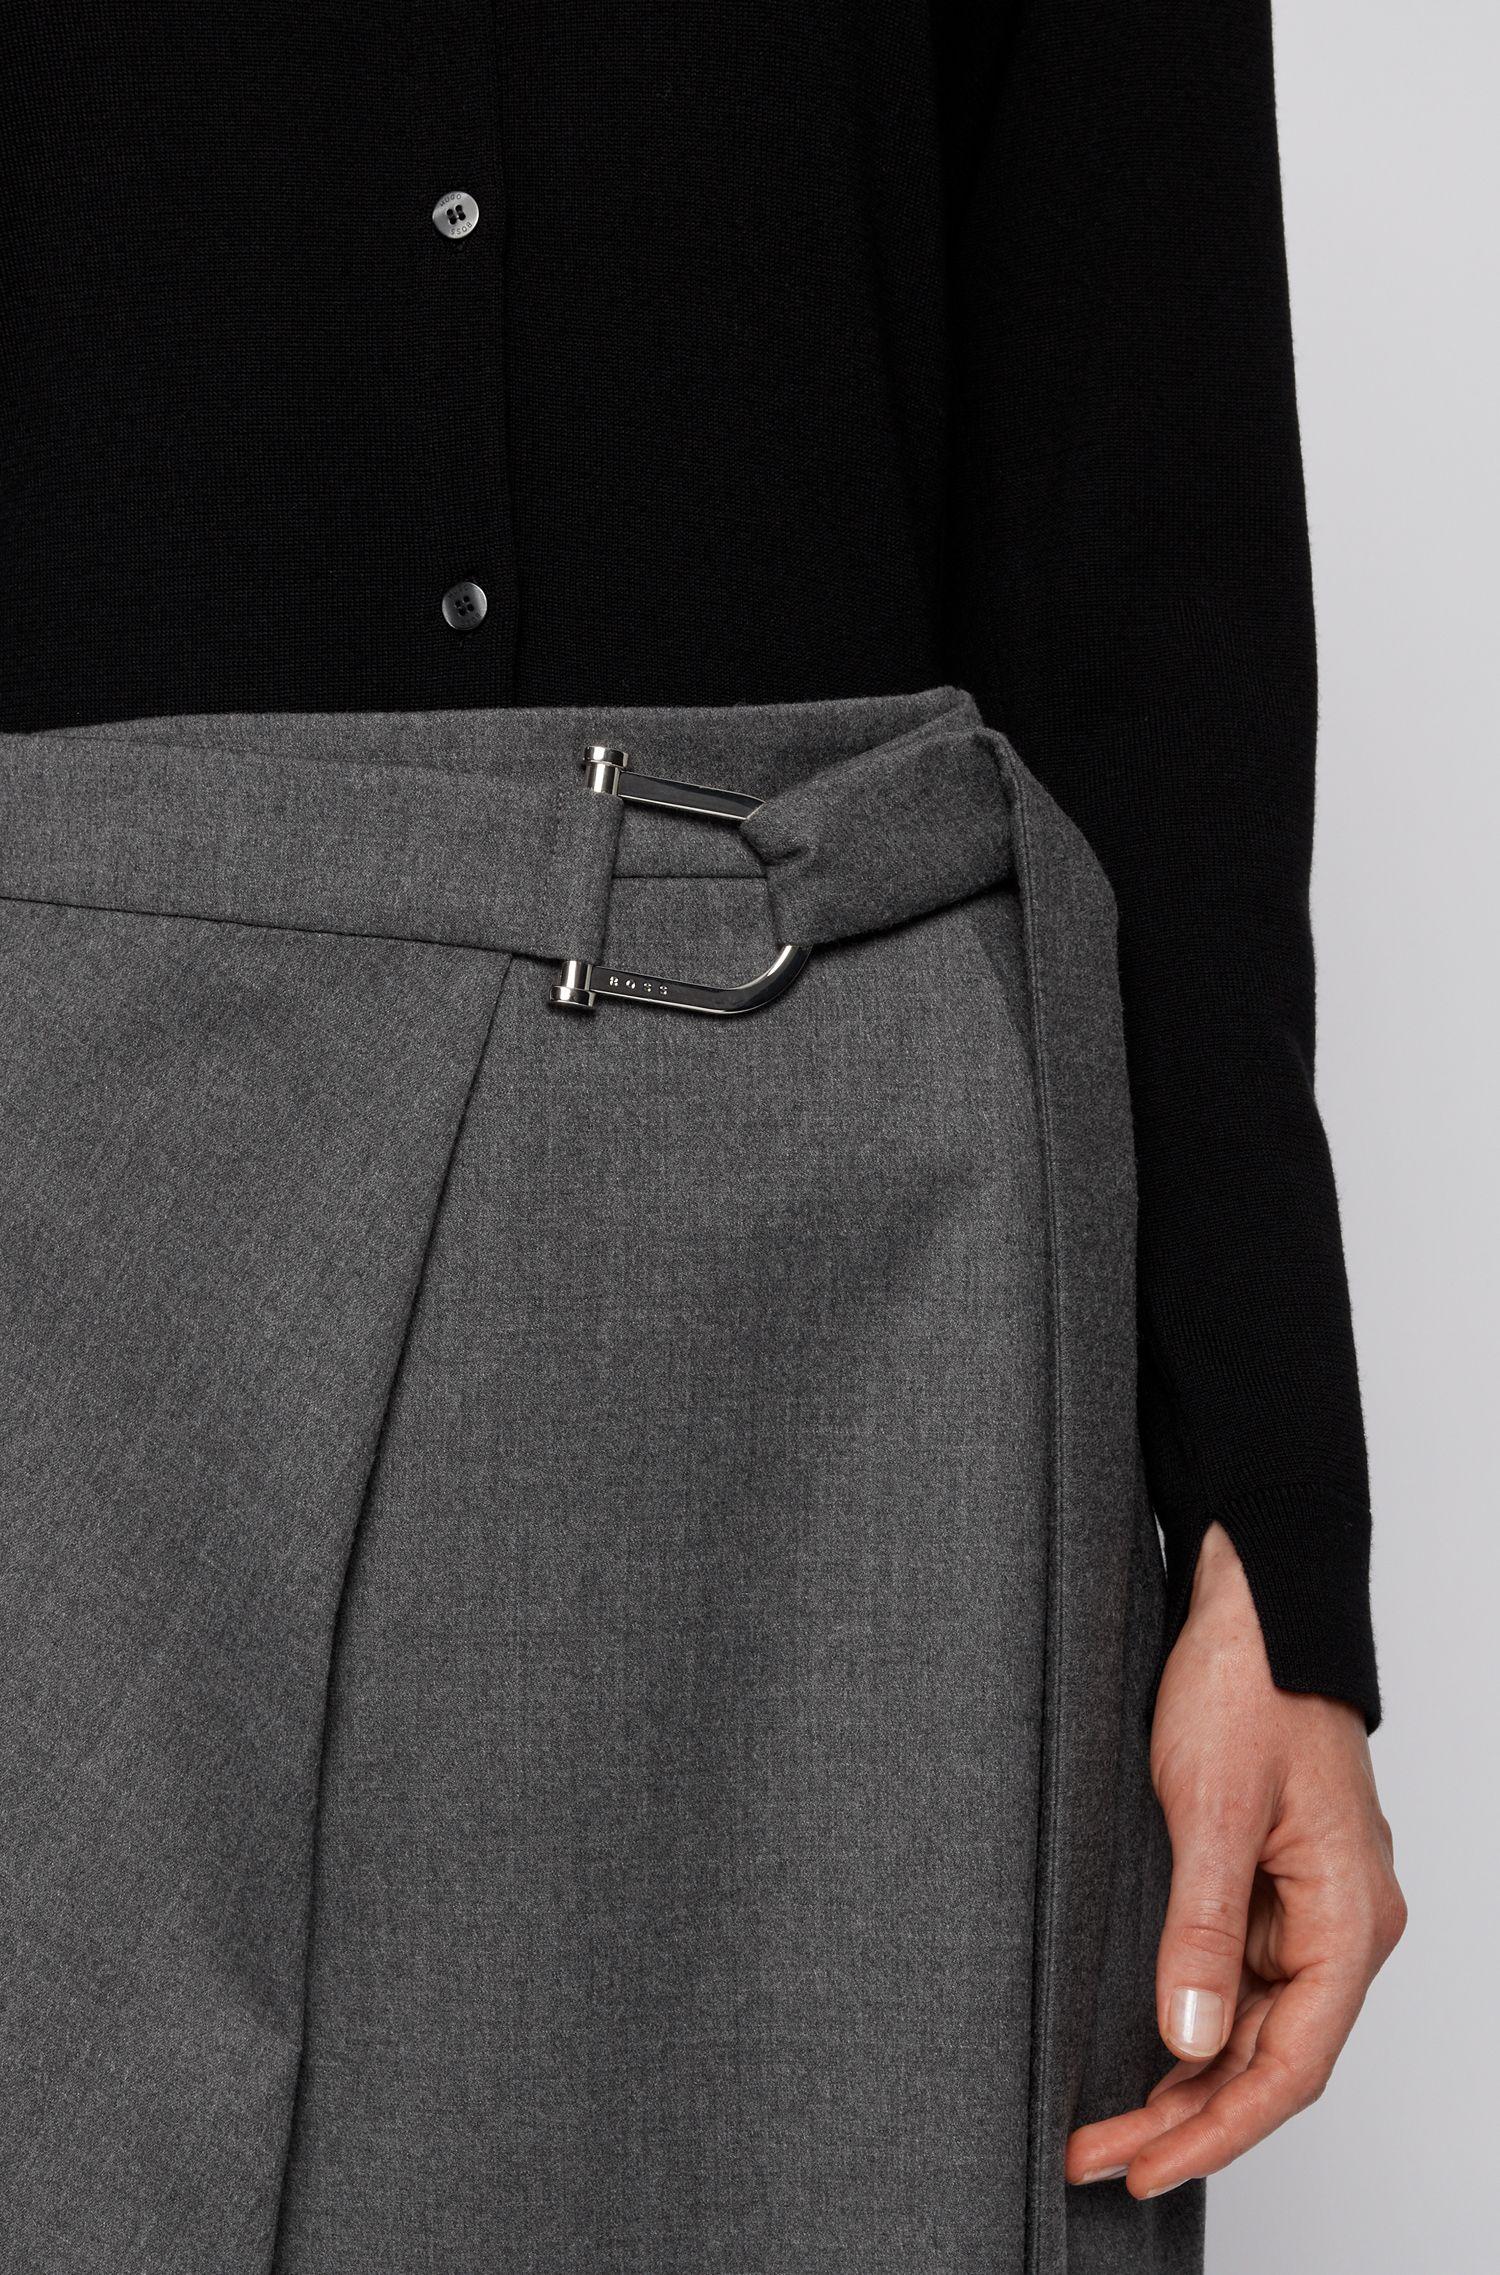 Cardigan à col ras-du-cou en laine vierge, avec fermeture boutonnée, Noir